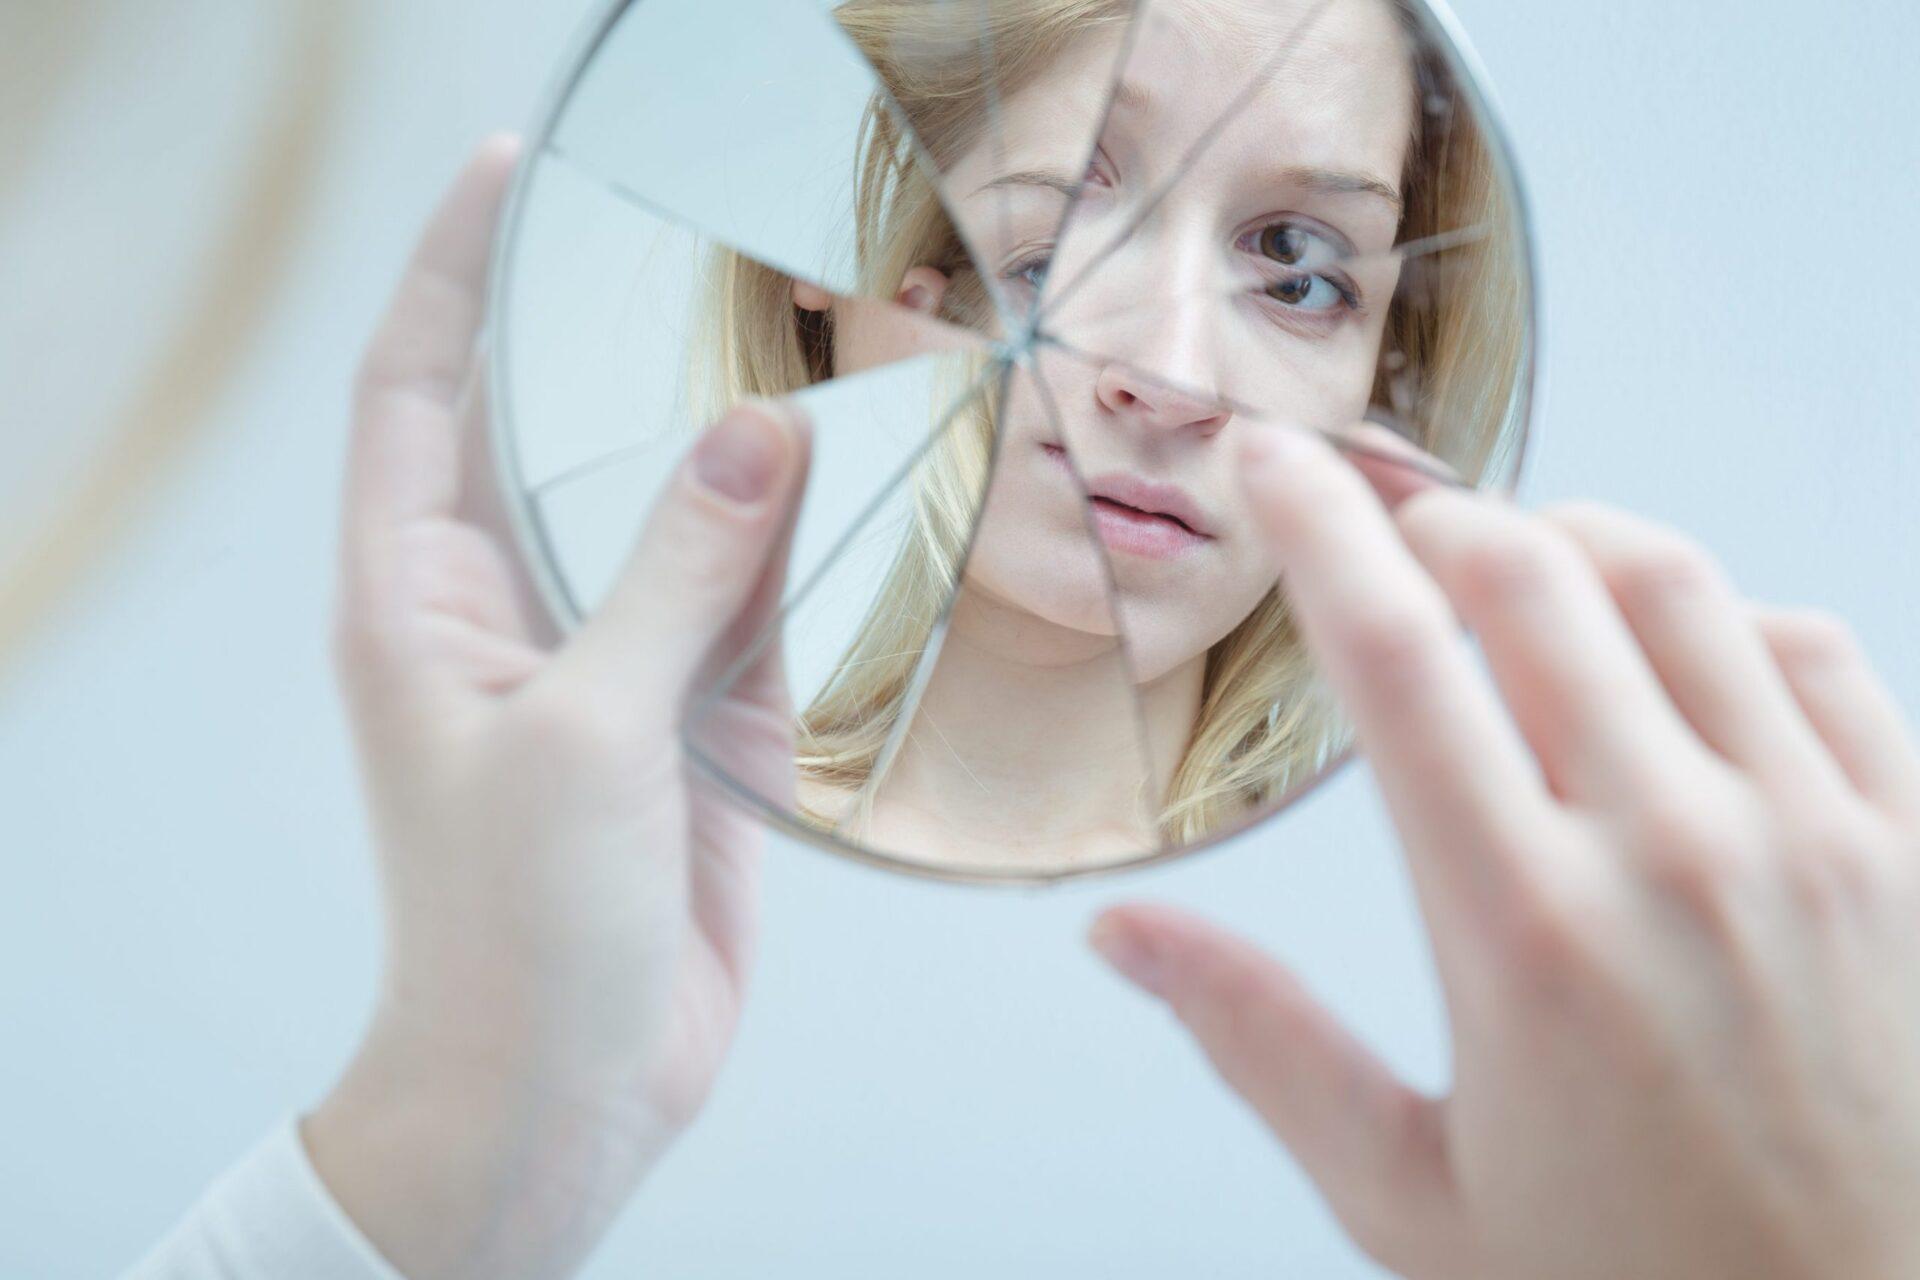 Onwijs Coach Lisette Wevers vertelt hoe jij je zelfbeeld kunt verbeteren OU-93